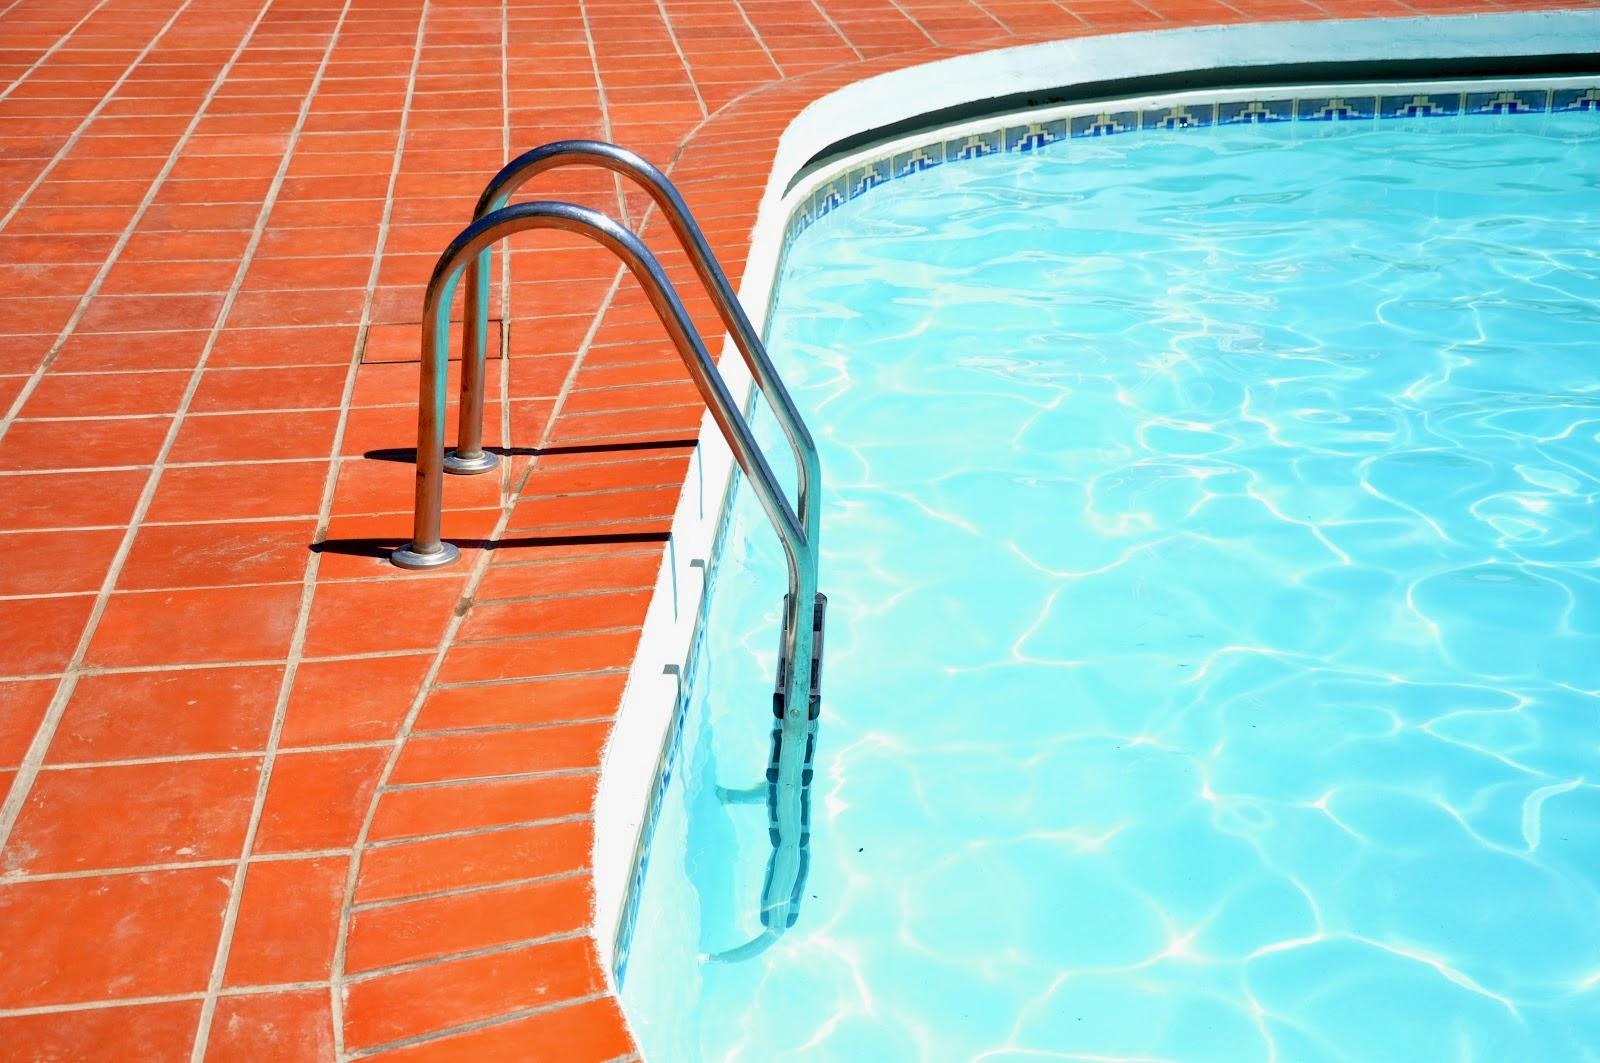 productos quimicos piscinas